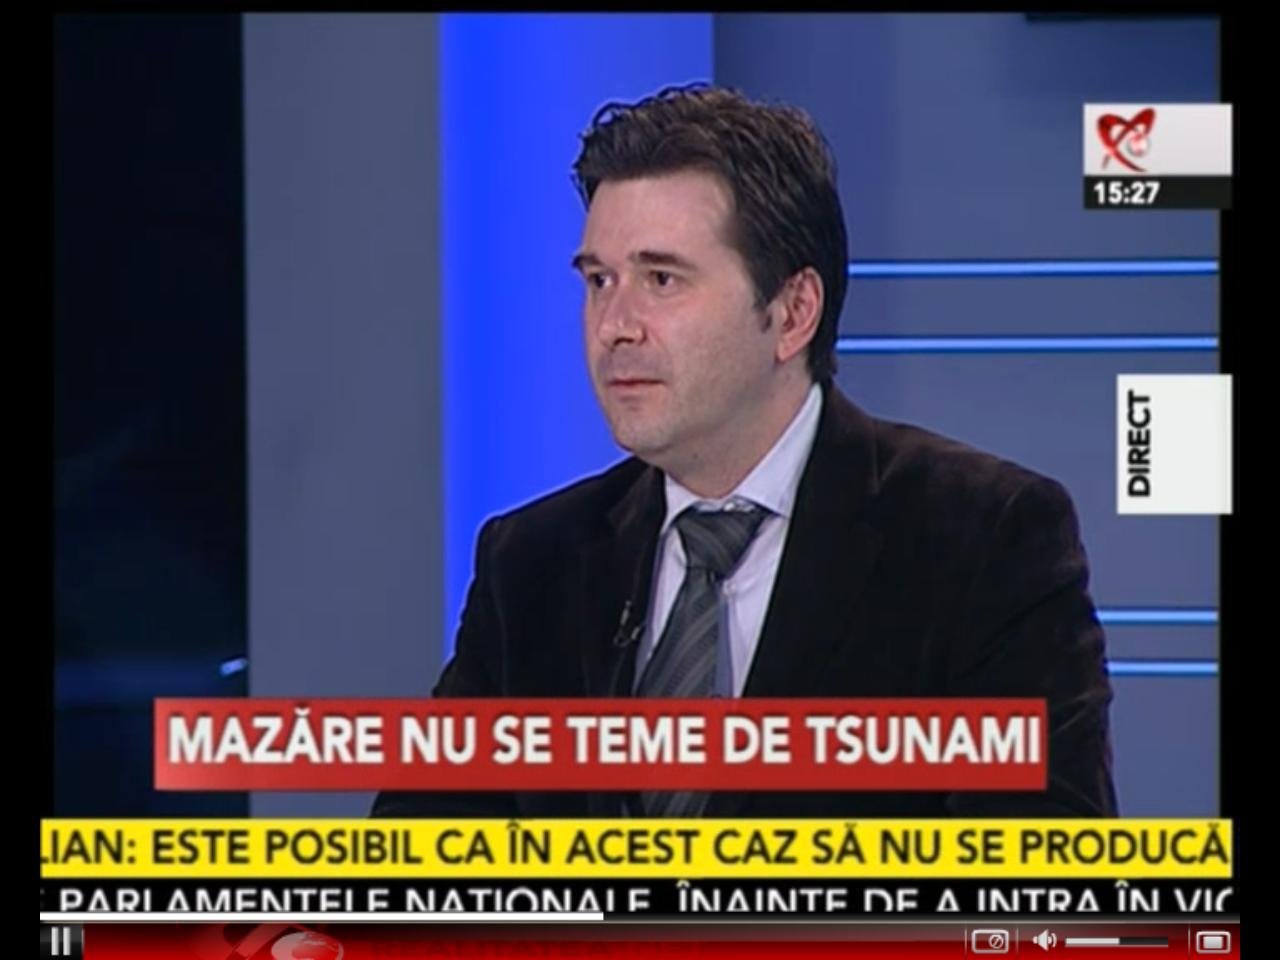 Despre Paştele turistic la români şi tsunami la Realitatea TV